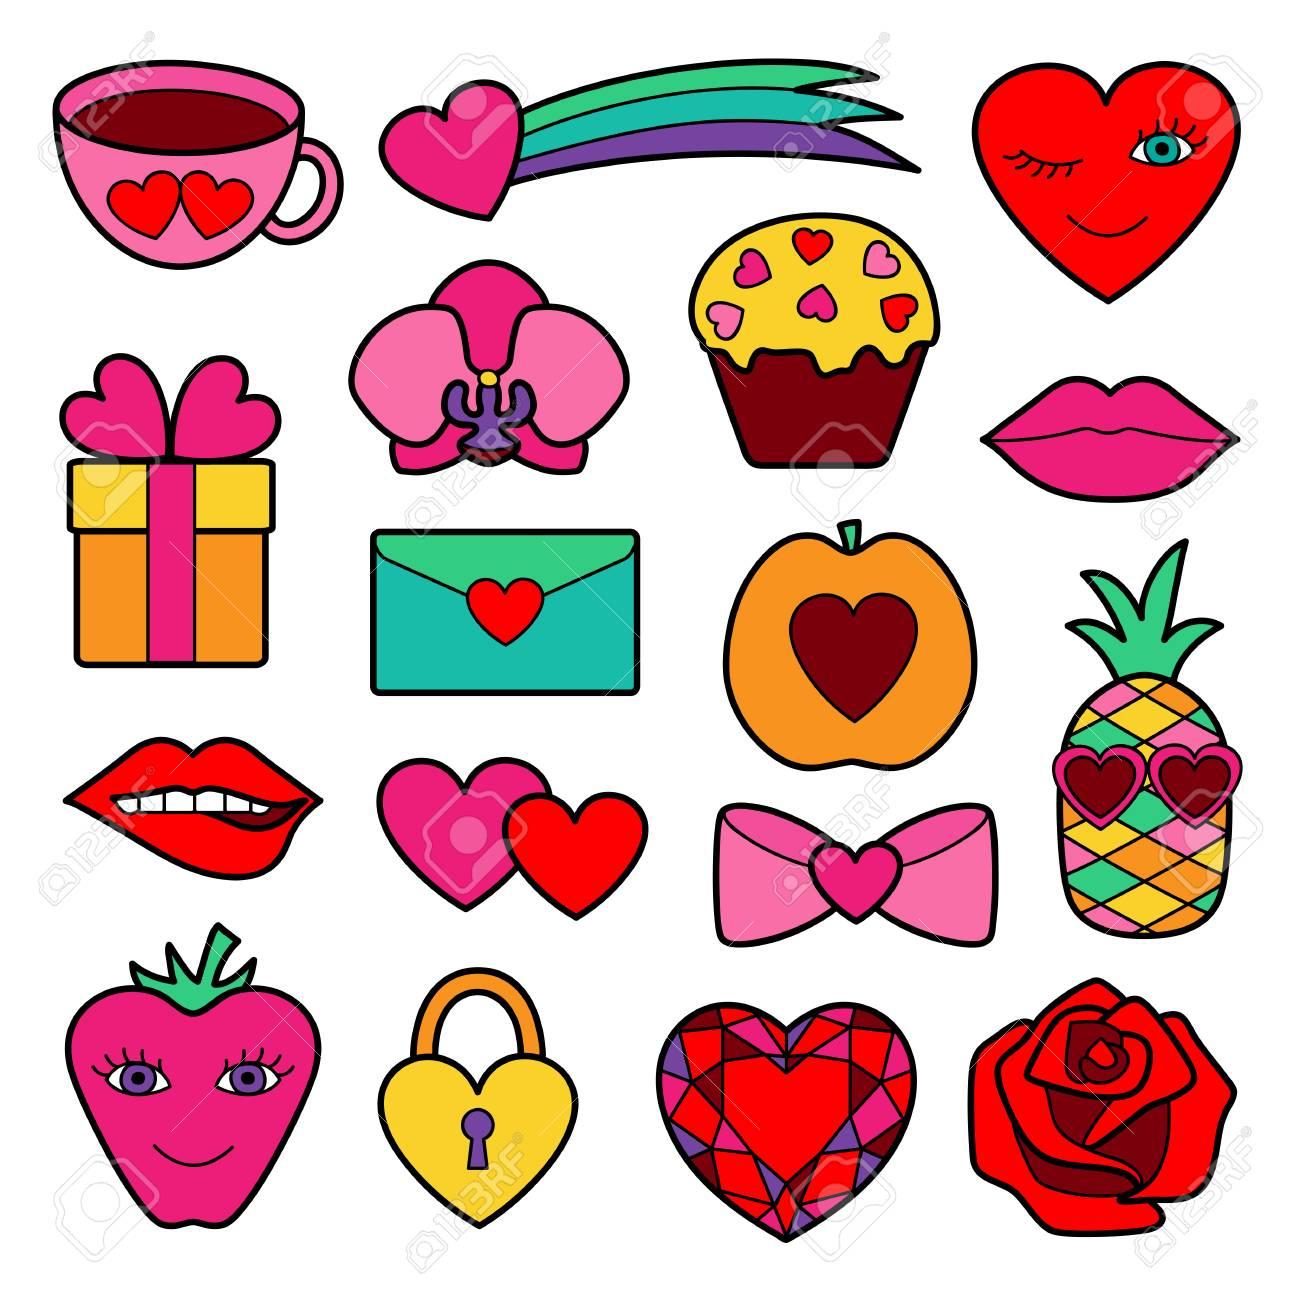 Imagenes De Dibujos Cuadriculados De Amor